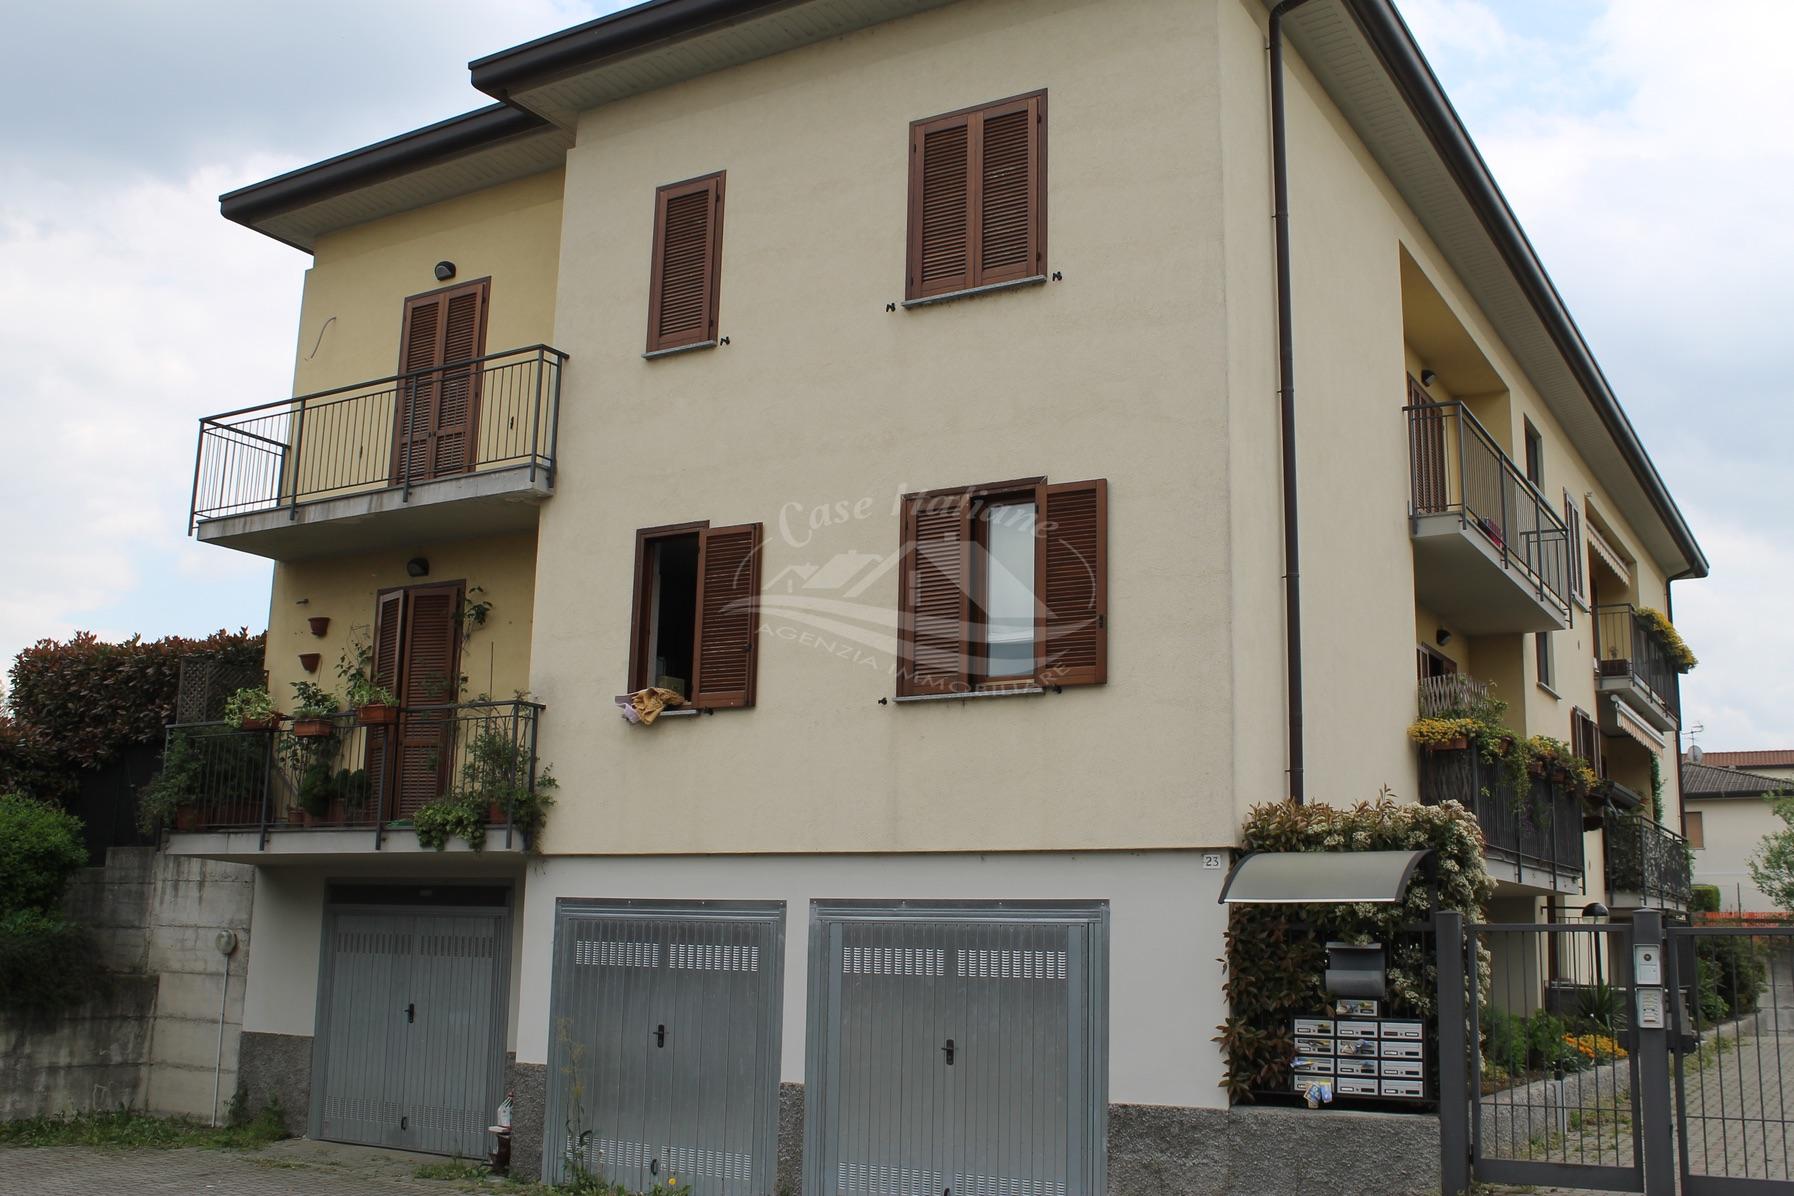 Foto immobili 3064 case italiane agenzia immobiliare cant for Case italiane immobiliare